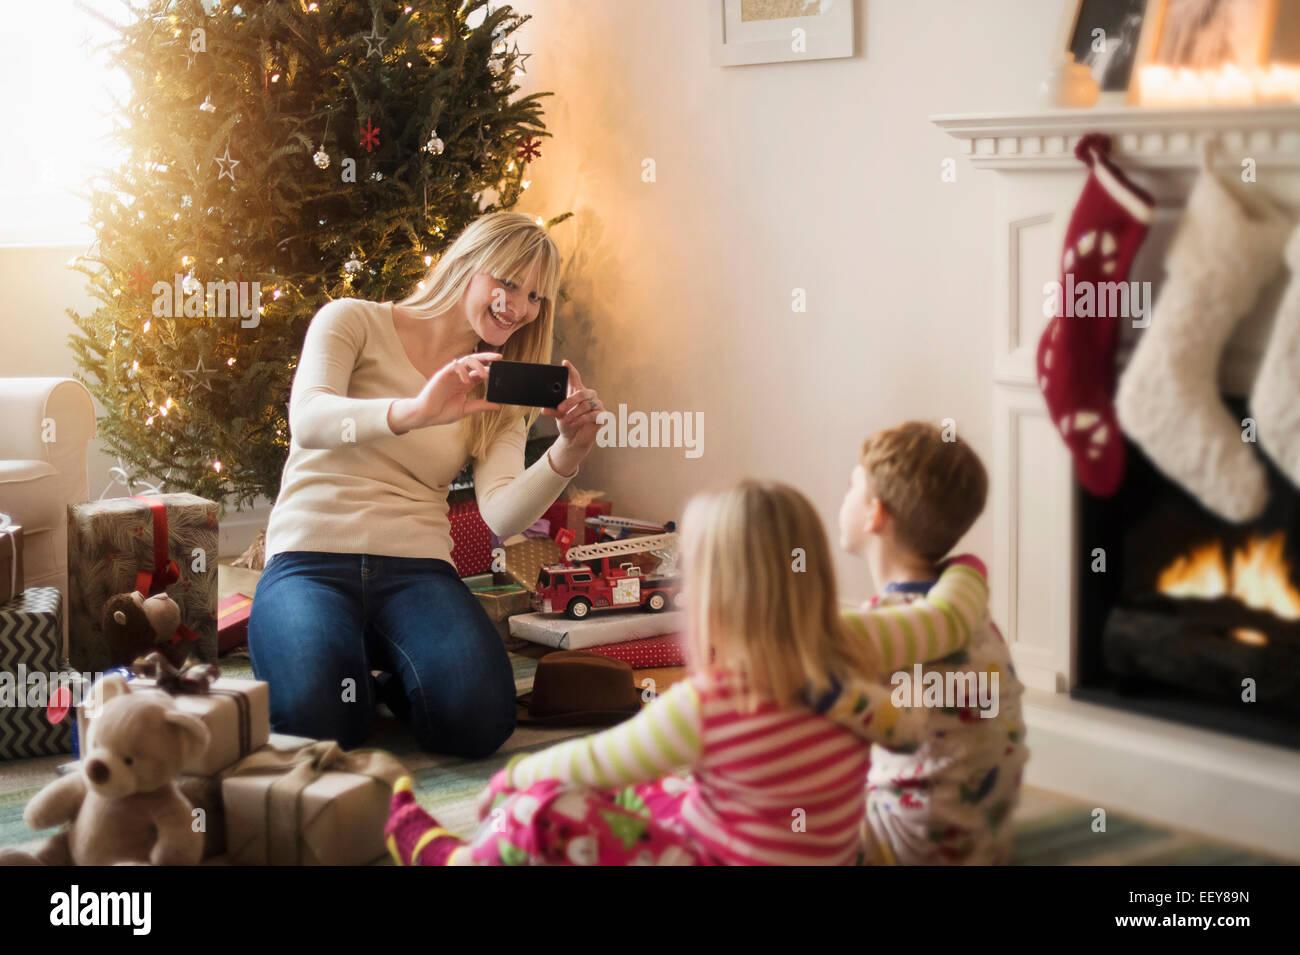 Mère avec enfants (4-5, 6-7) l'ouverture des cadeaux de Noël et de prendre des photos Photo Stock